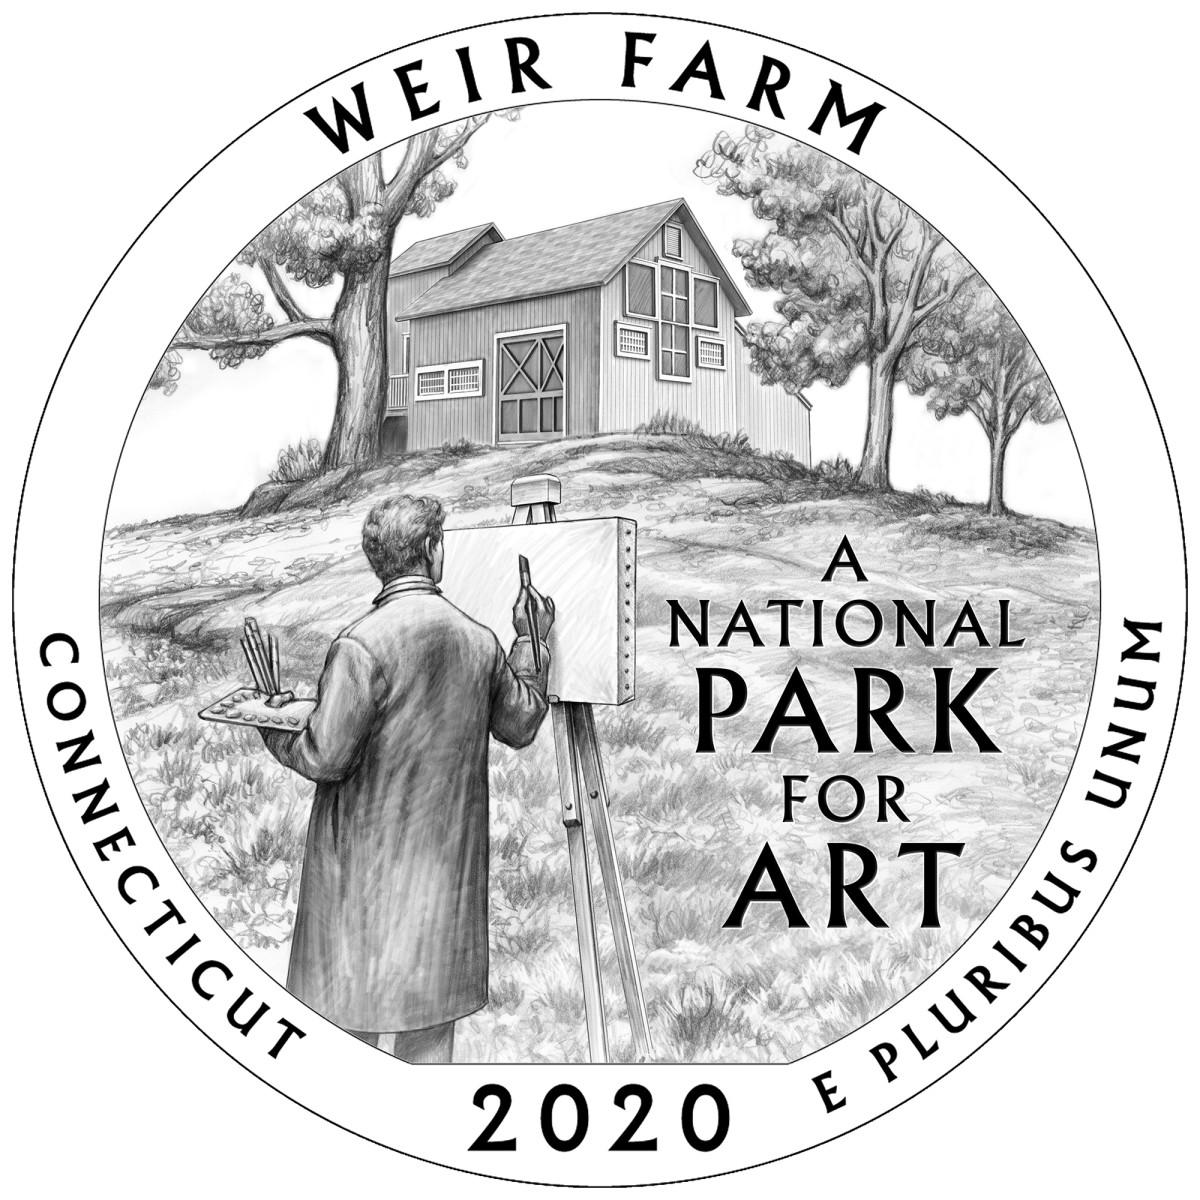 weir farm 2020